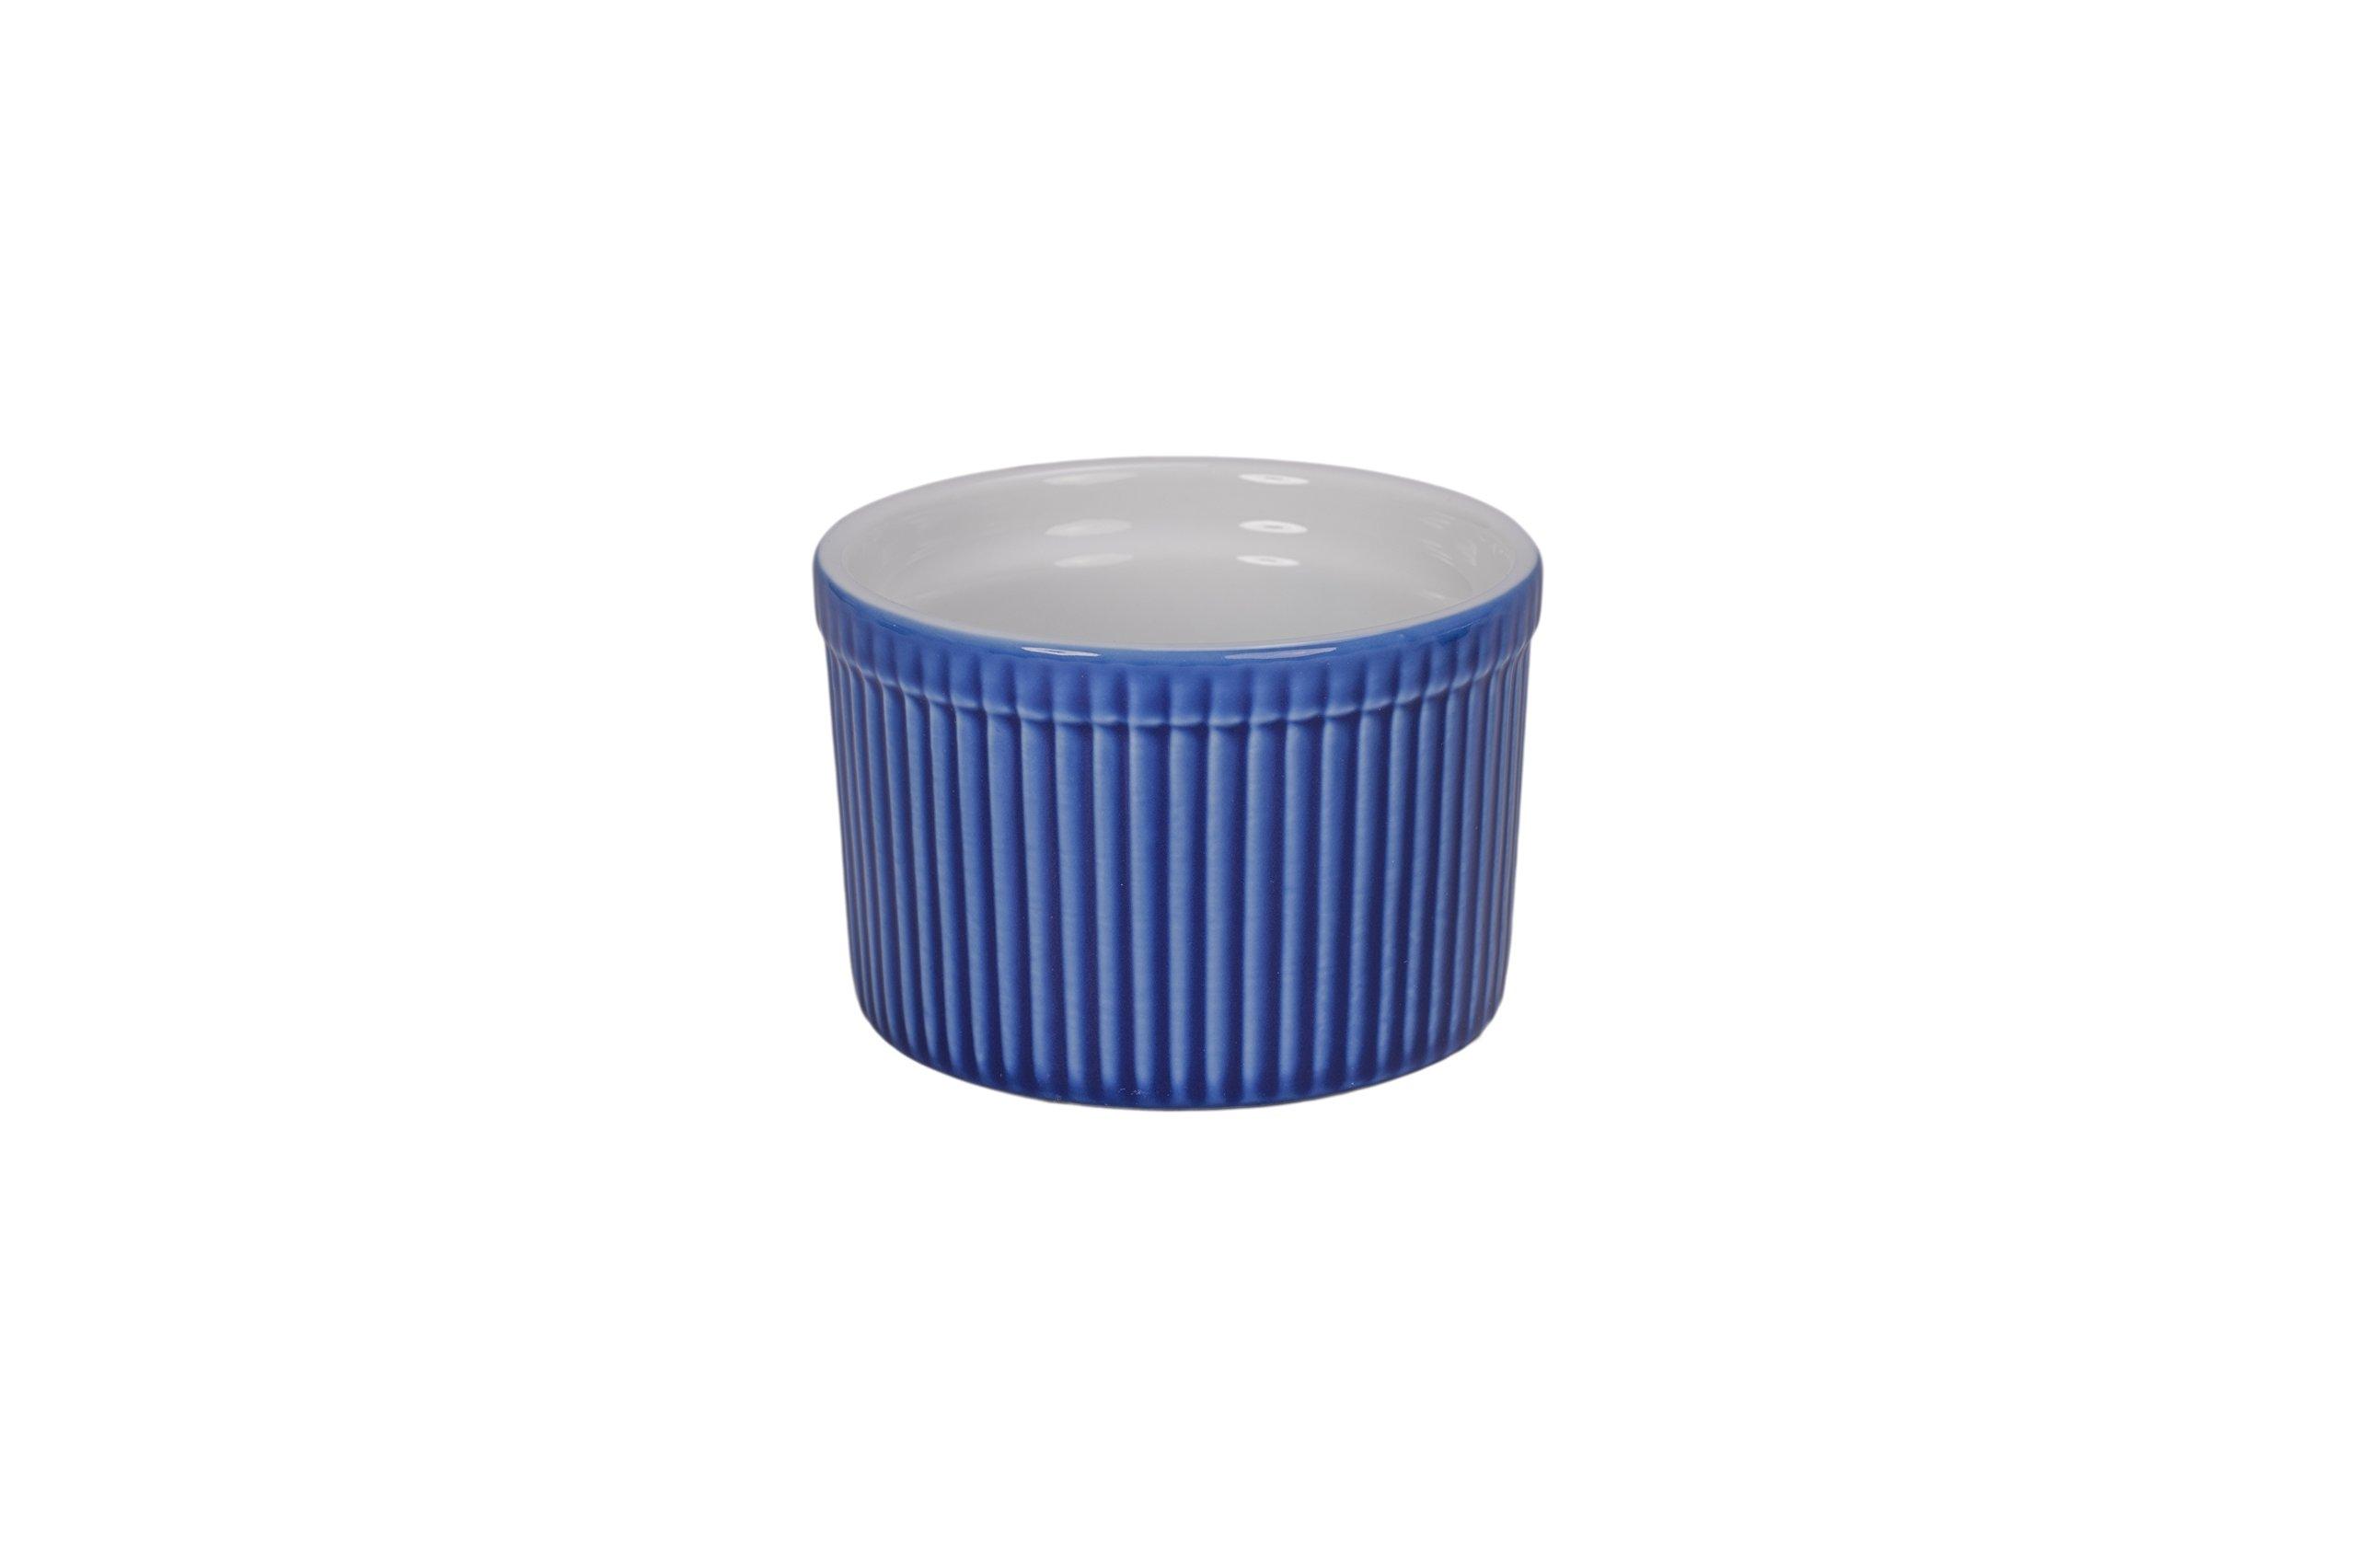 BIA Cordon Bleu 900021+3091S2SIOC Bakeware Souffle Dish, Blue/White by BIA Cordon Bleu